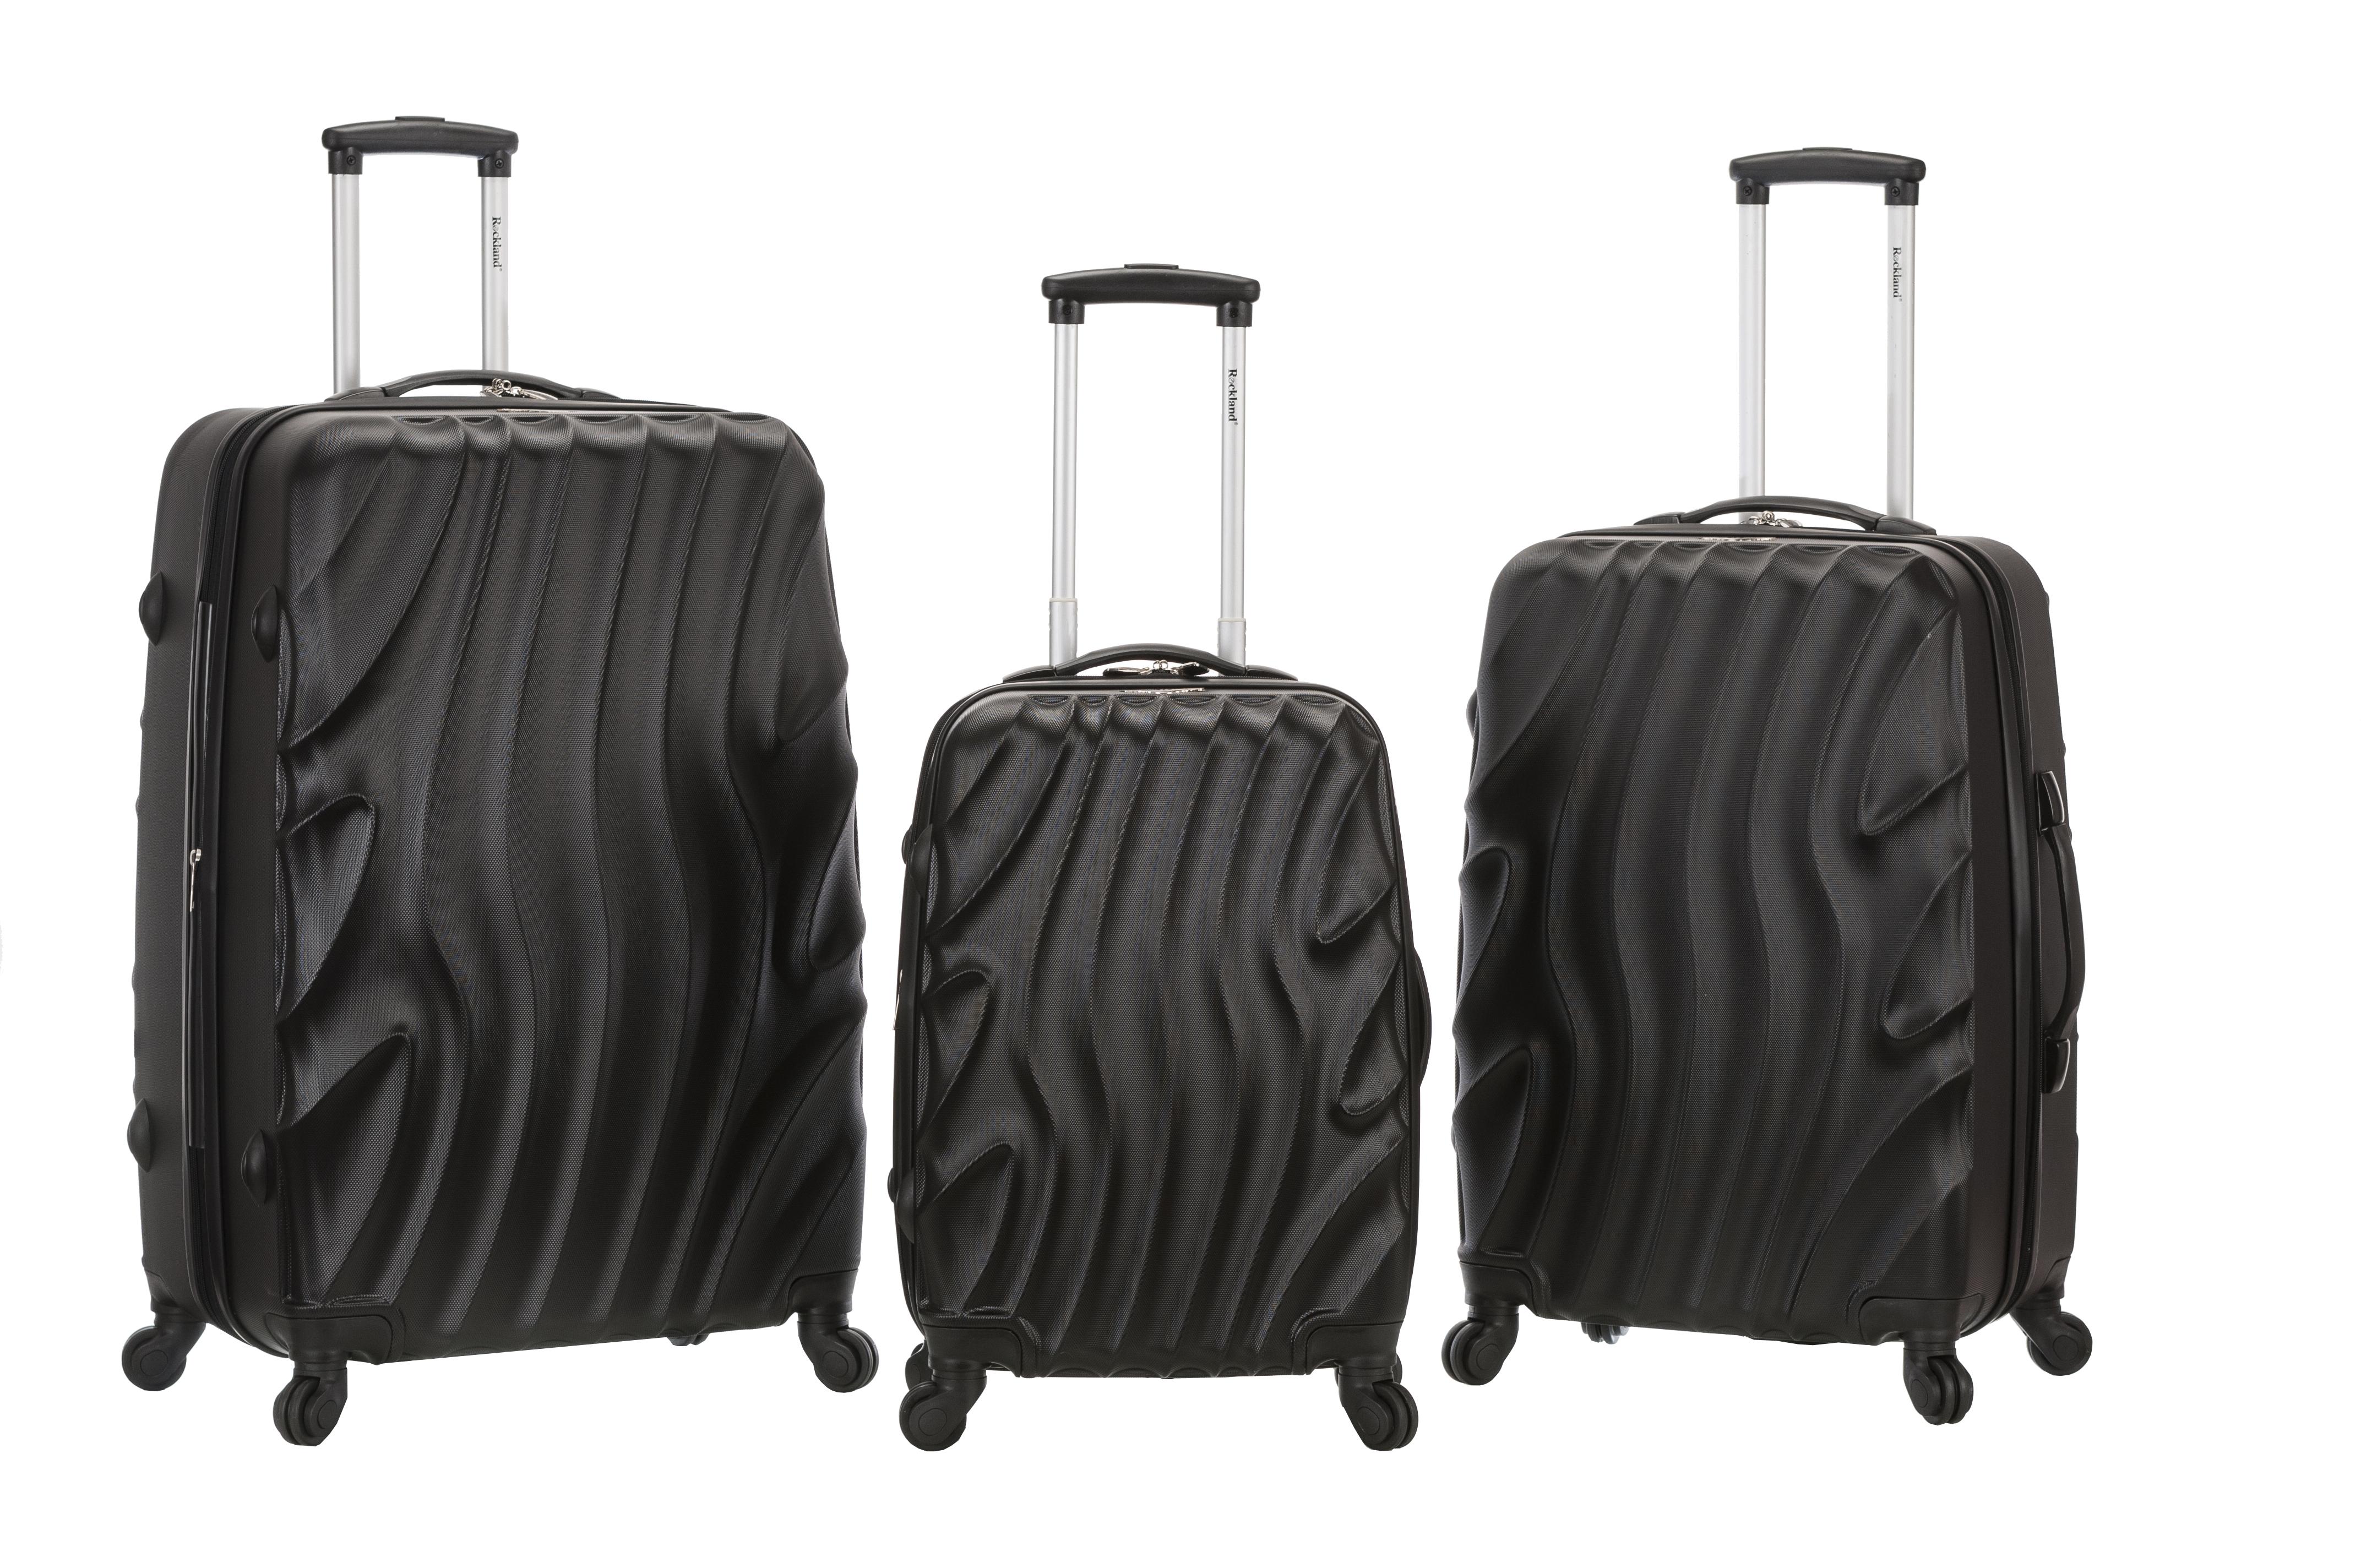 3 pc. Melbourne Hardisde Luggage Set